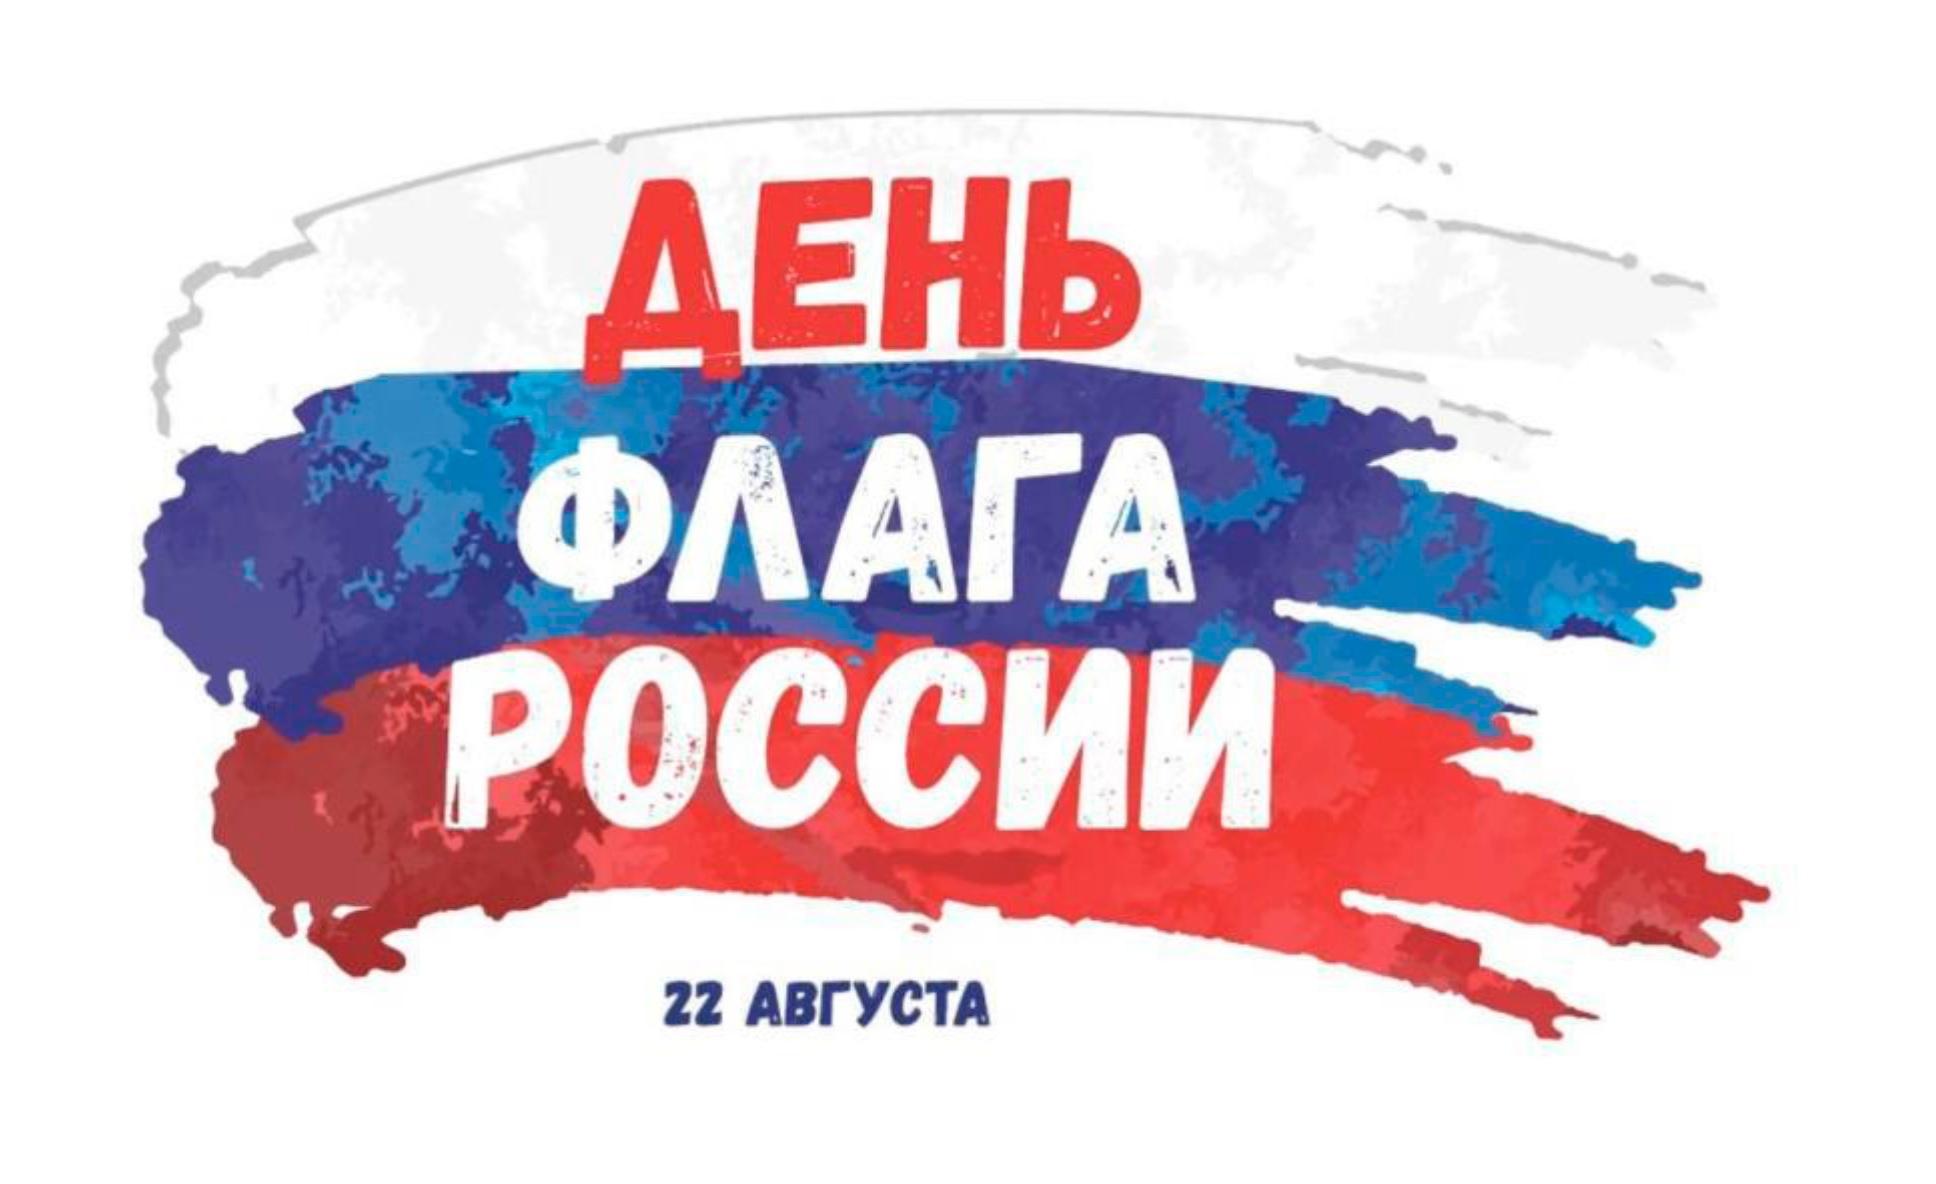 Логотип_День Флага России_22 августа